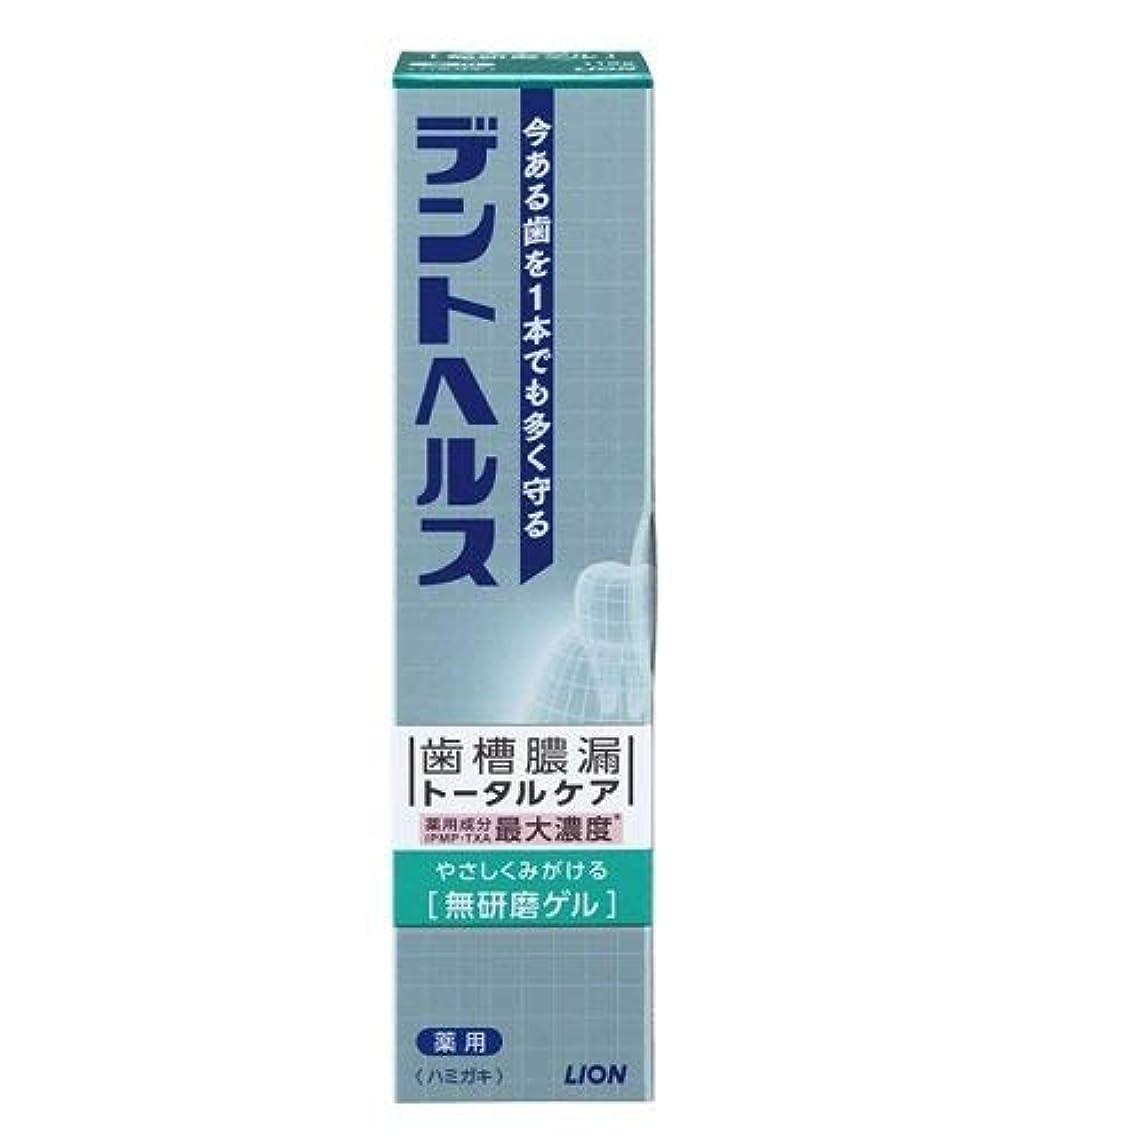 意味苗船上ライオン デントヘルス 薬用ハミガキ 無研磨ゲル 115g (医薬部外品)× 4